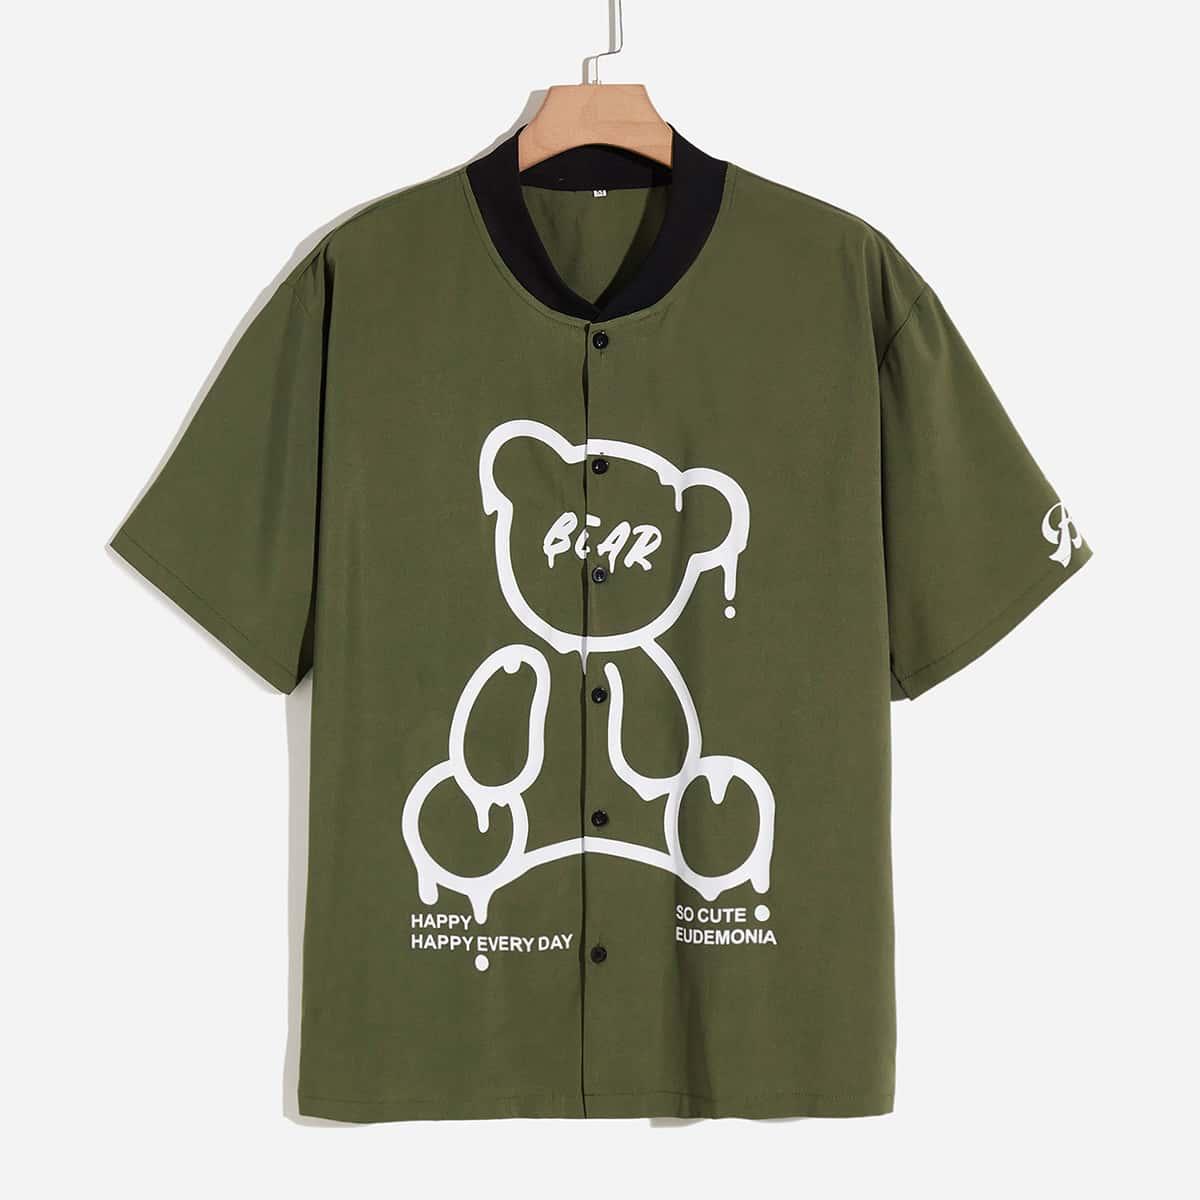 Мужская рубашка с рисунком медведя и текстовым рисунком